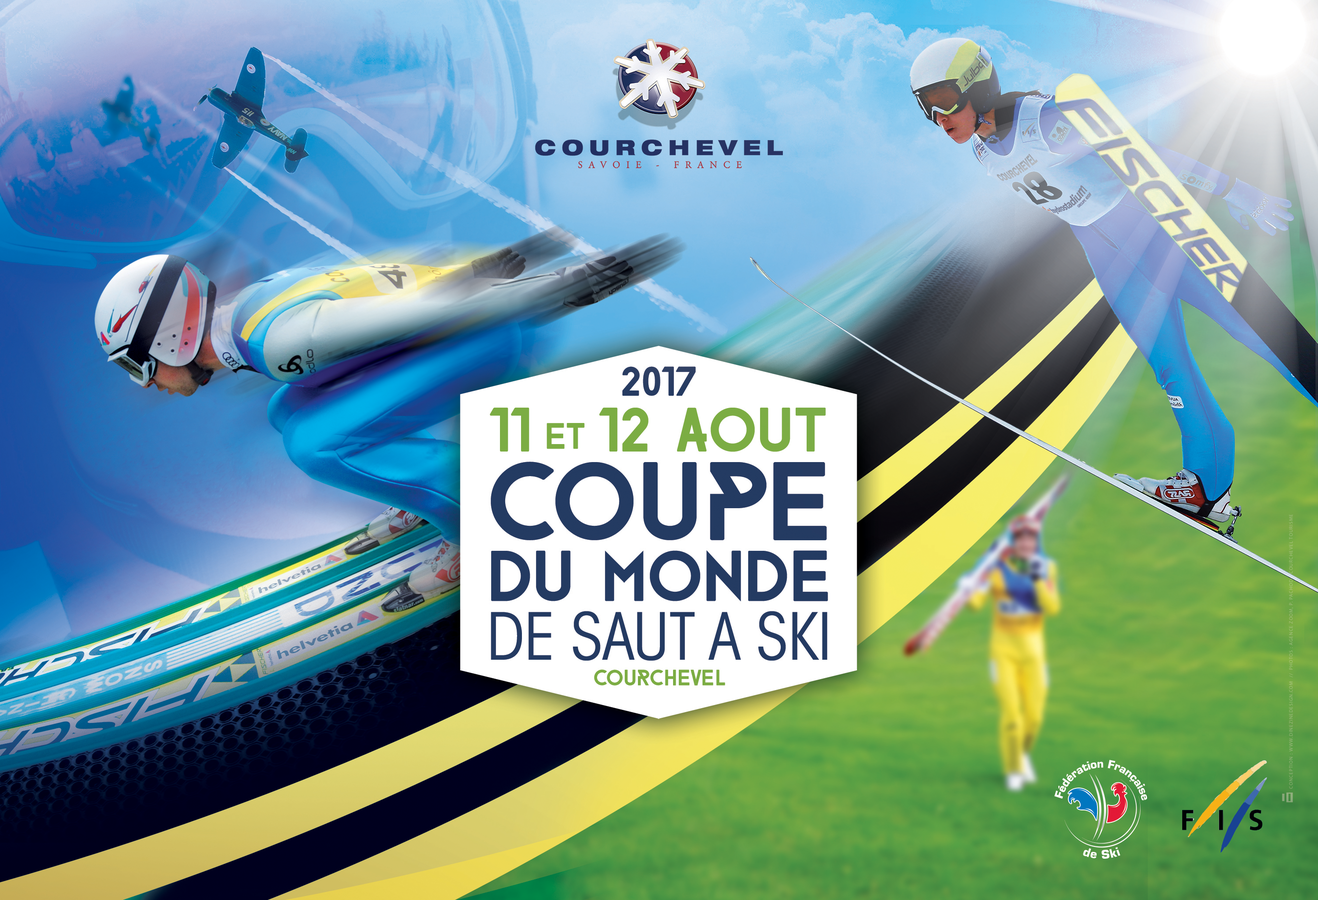 Coupe du monde de saut ski mairie de courchevel - Coupe du monde de ski courchevel ...